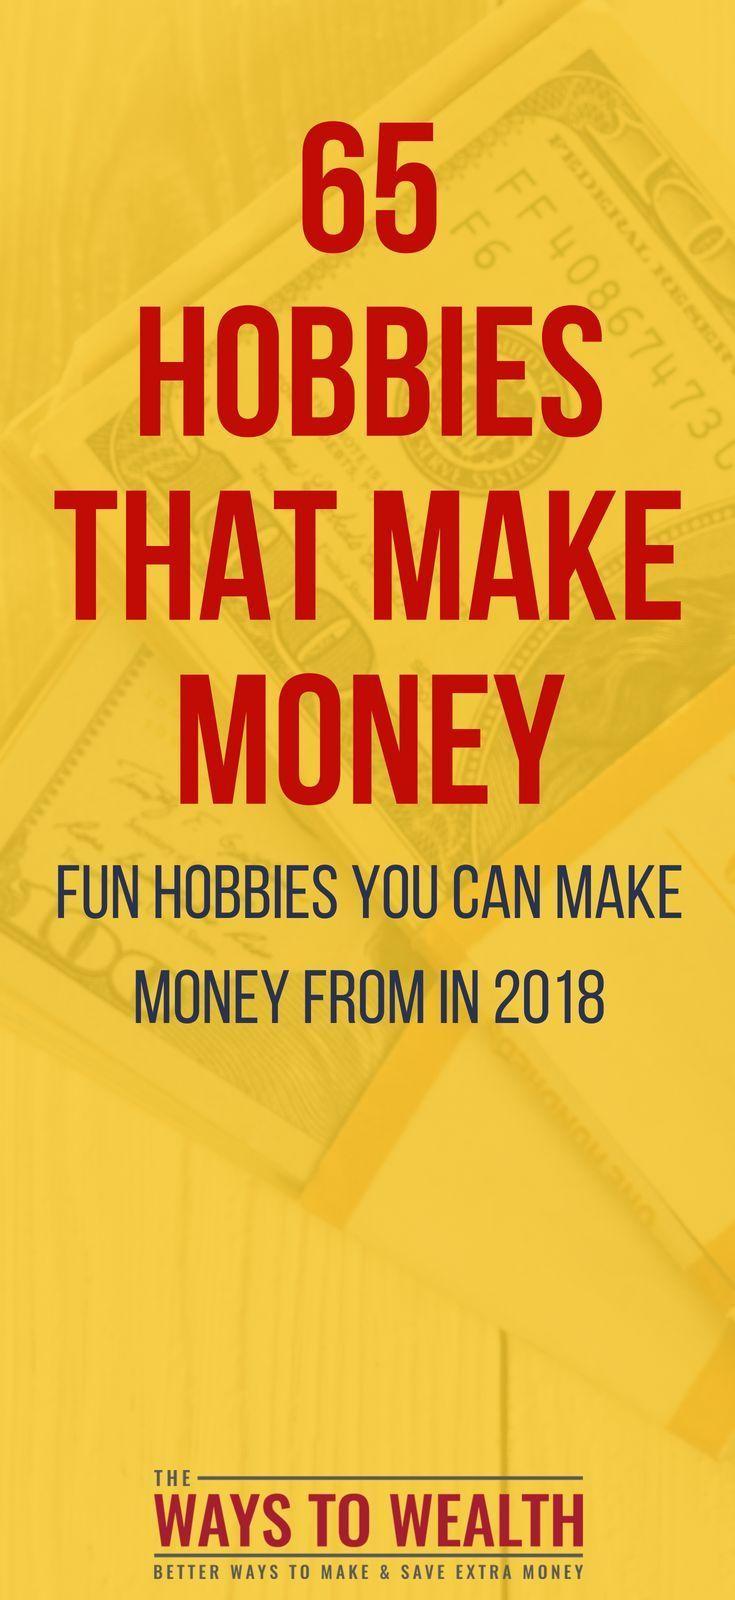 Pin on Making money!